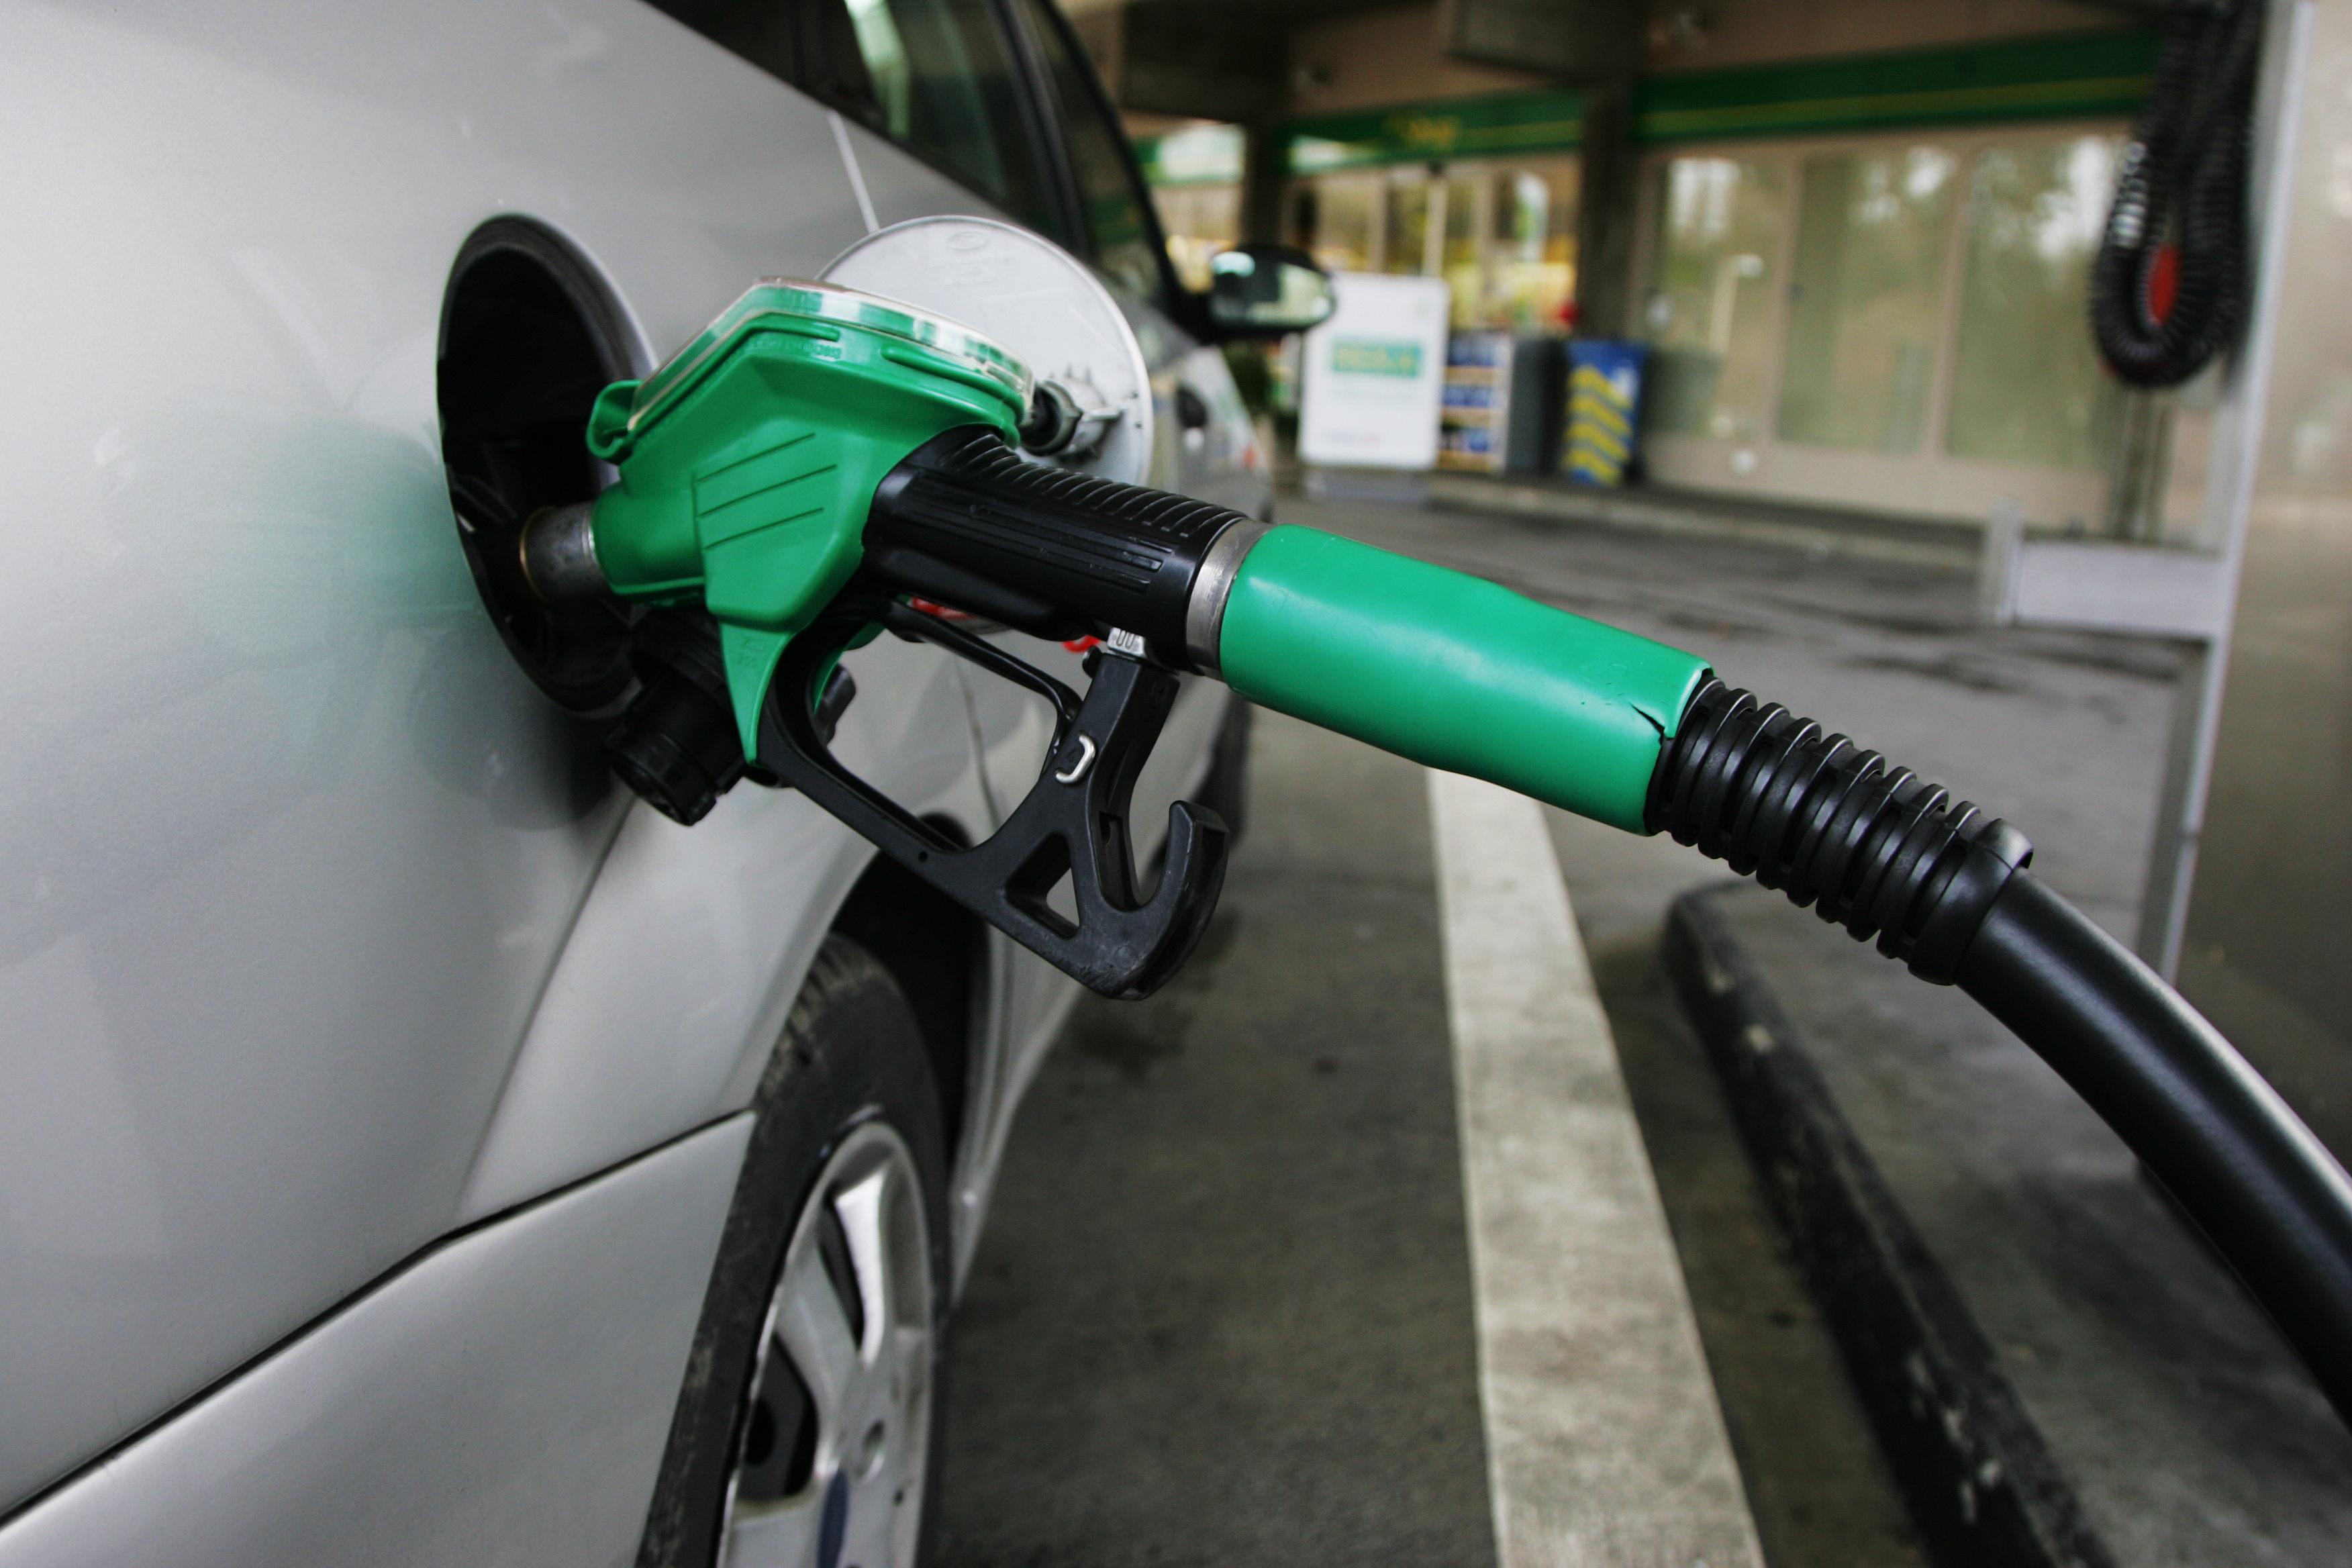 ¿Qué día de la semana sale la gasolina más barata?